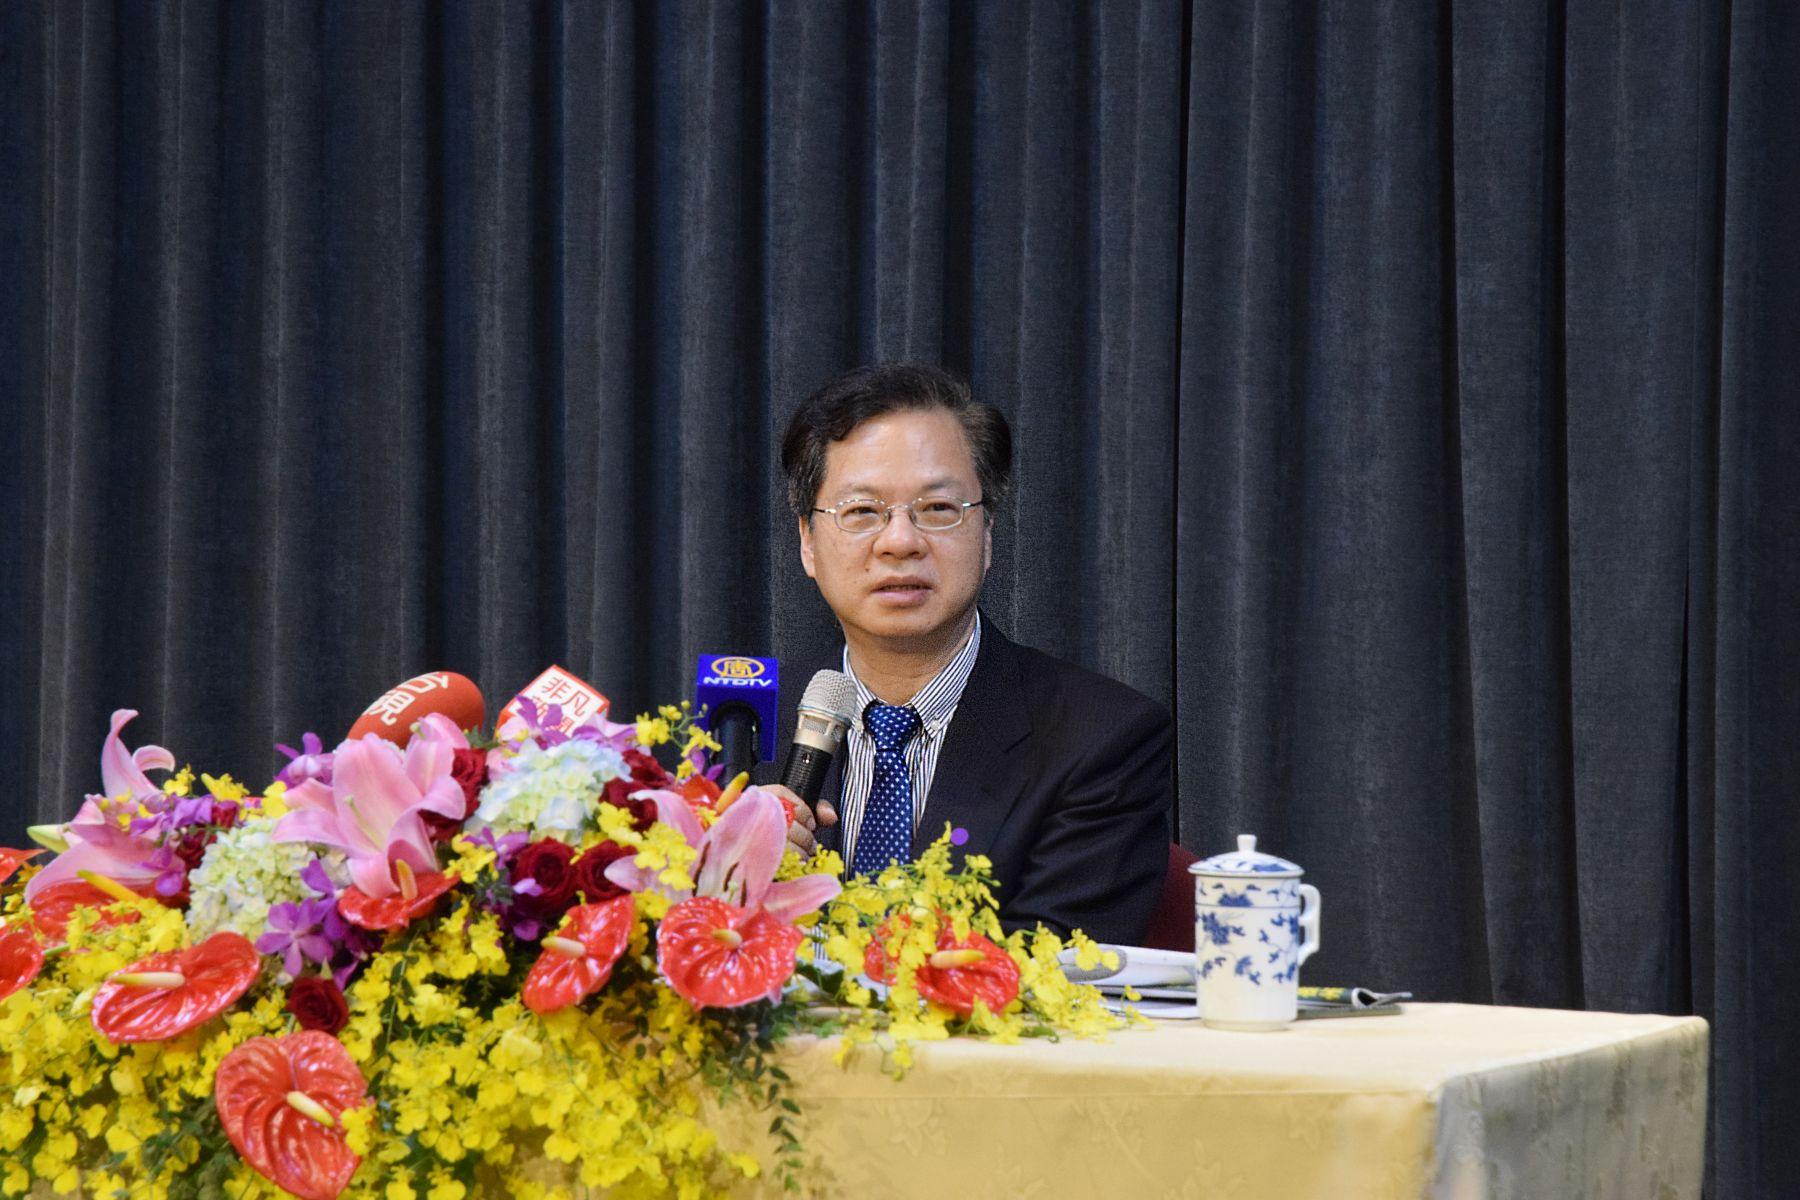 國際機構估台灣經濟成長「陷負值」 國發會主委龔明鑫:會努力達成「1%以上」目標